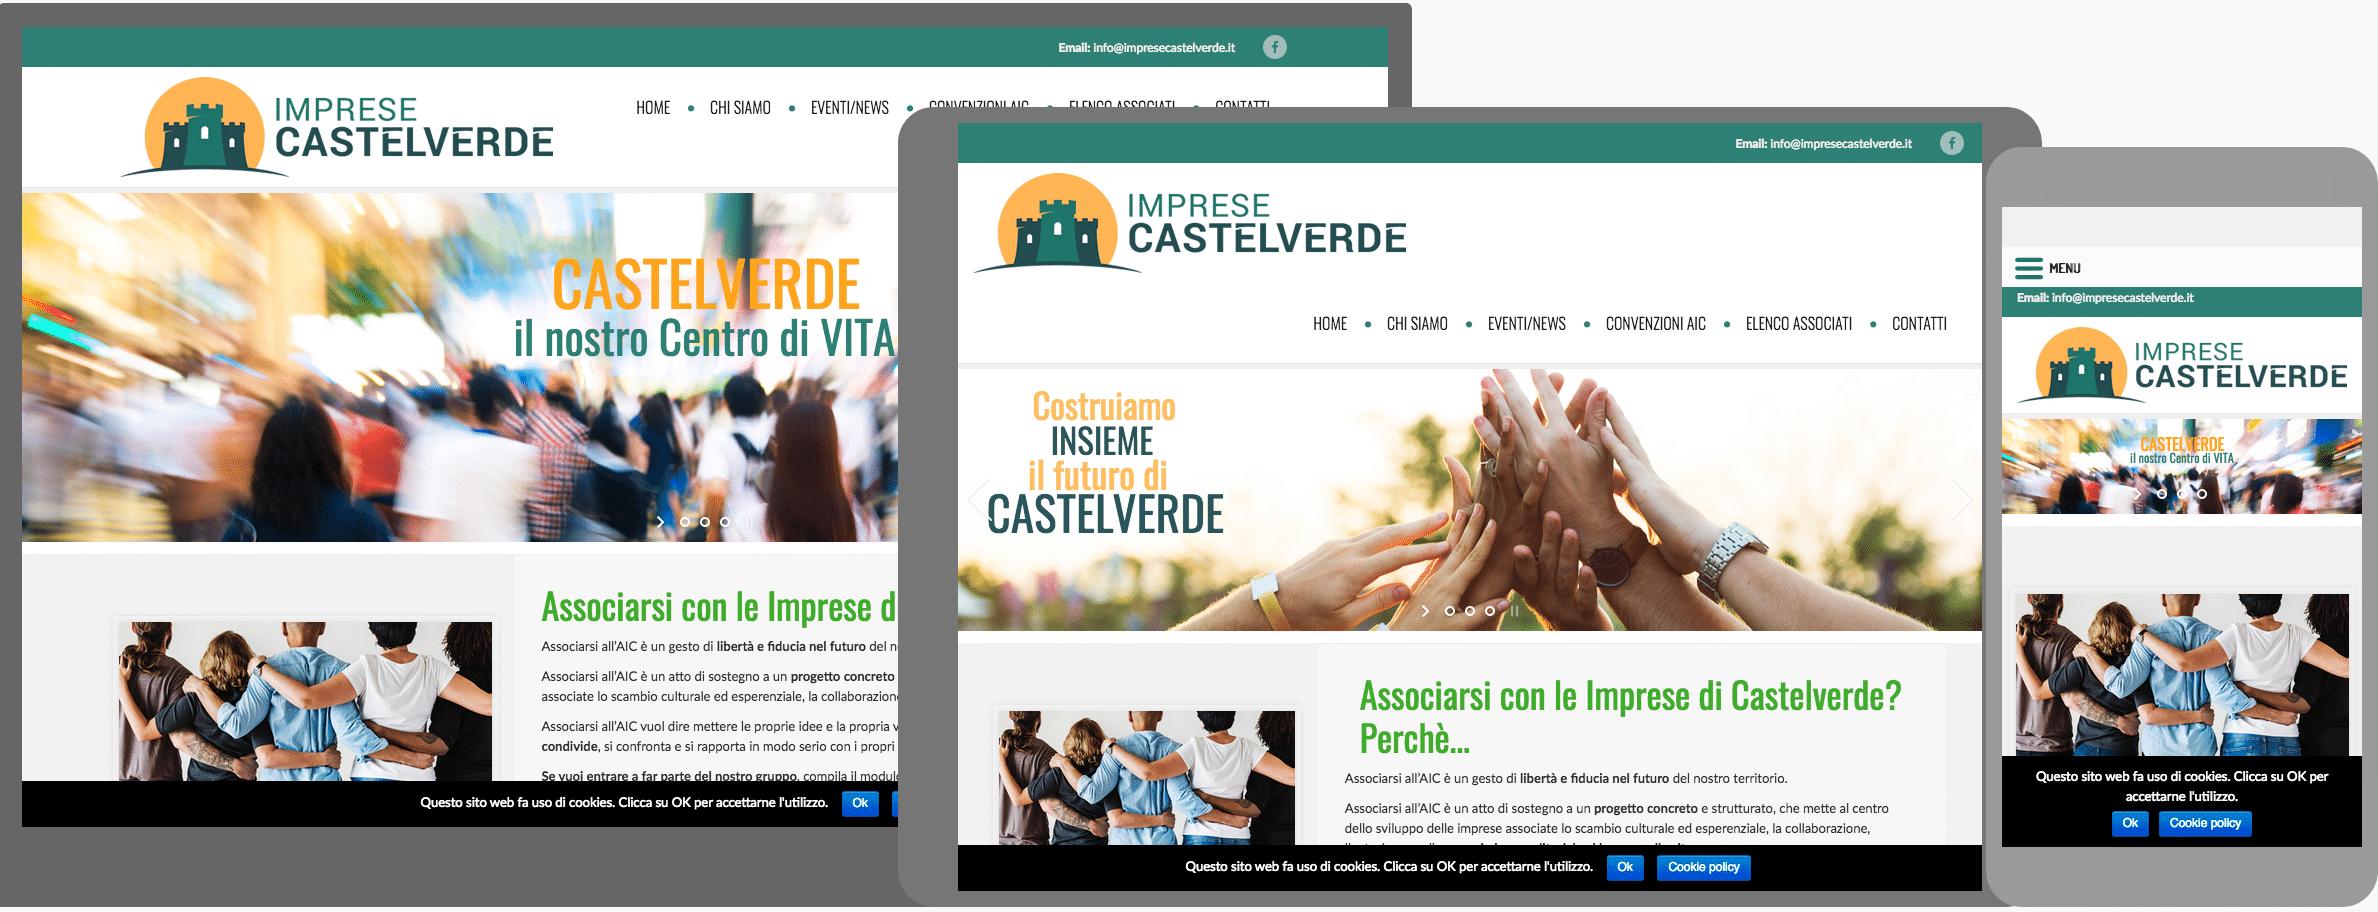 AIC - Imprese Castelverde